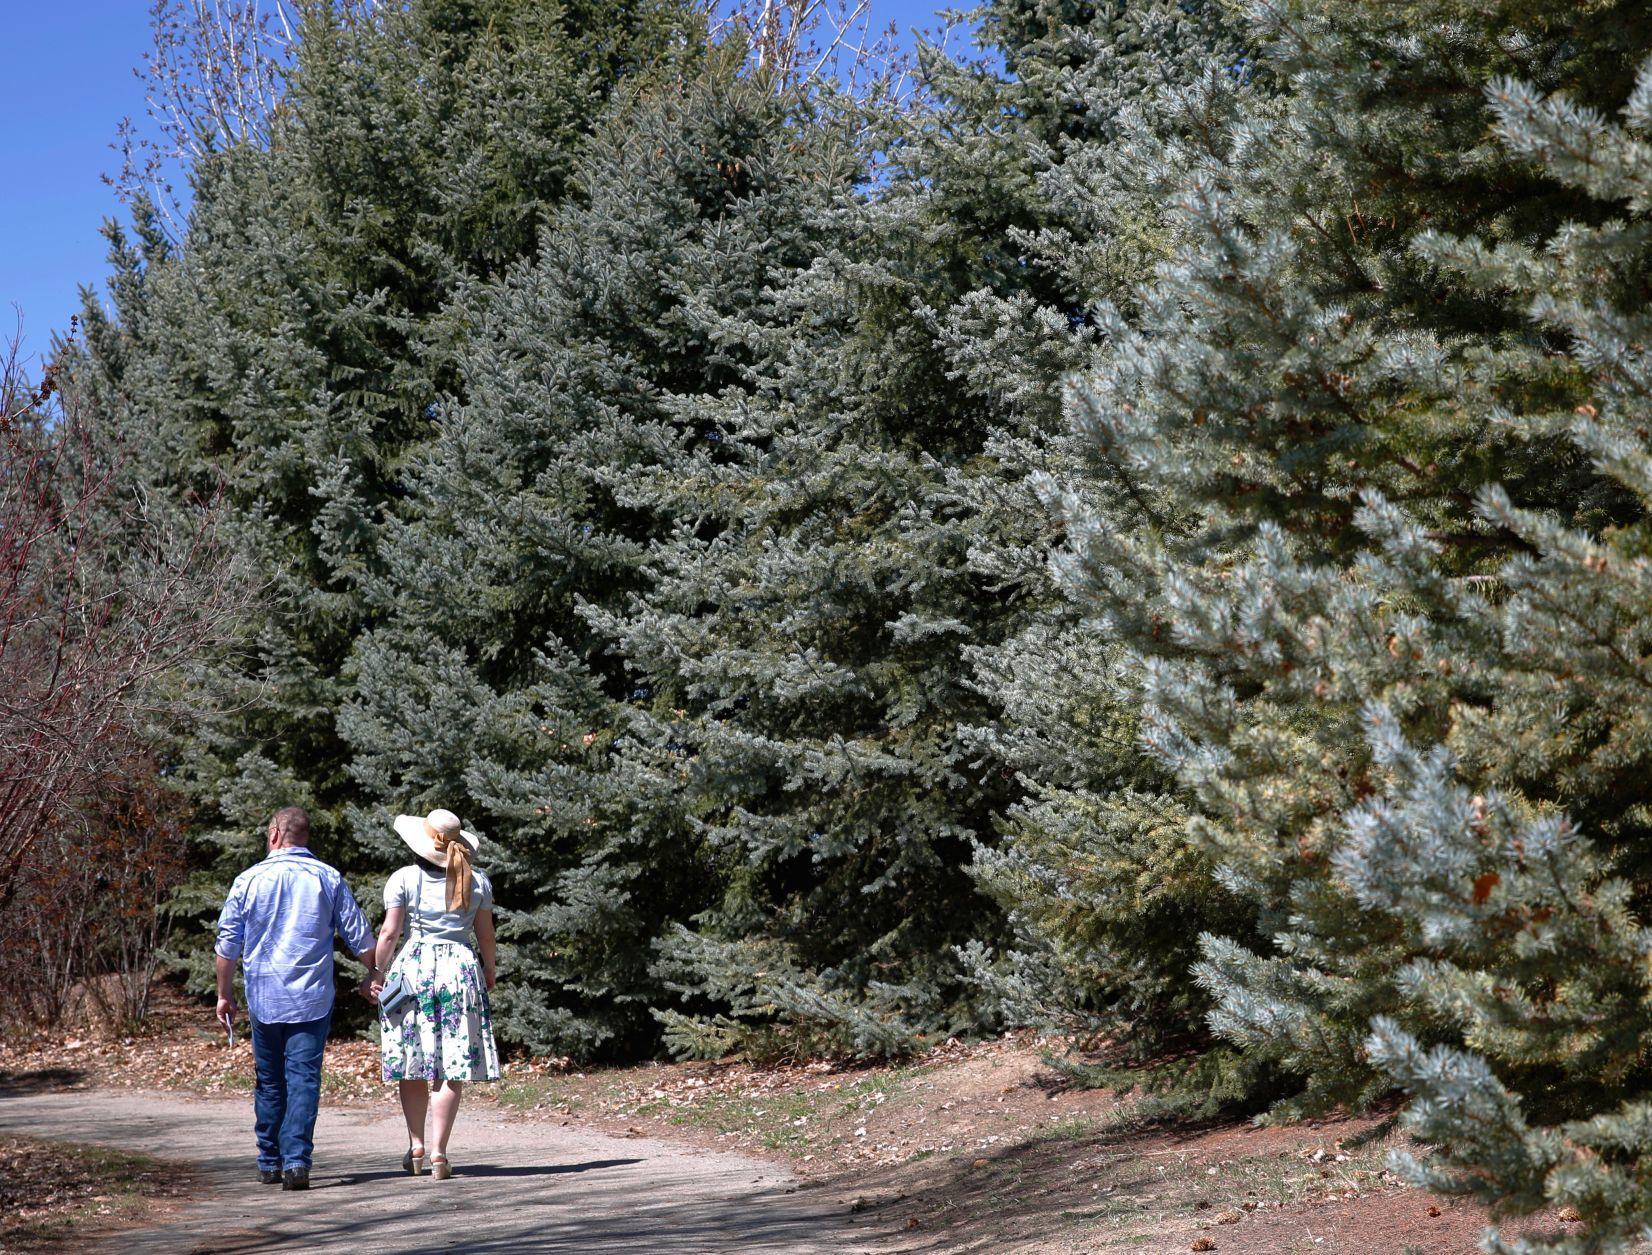 Arboretum dedicated at ZooMontana | Billings Gazette